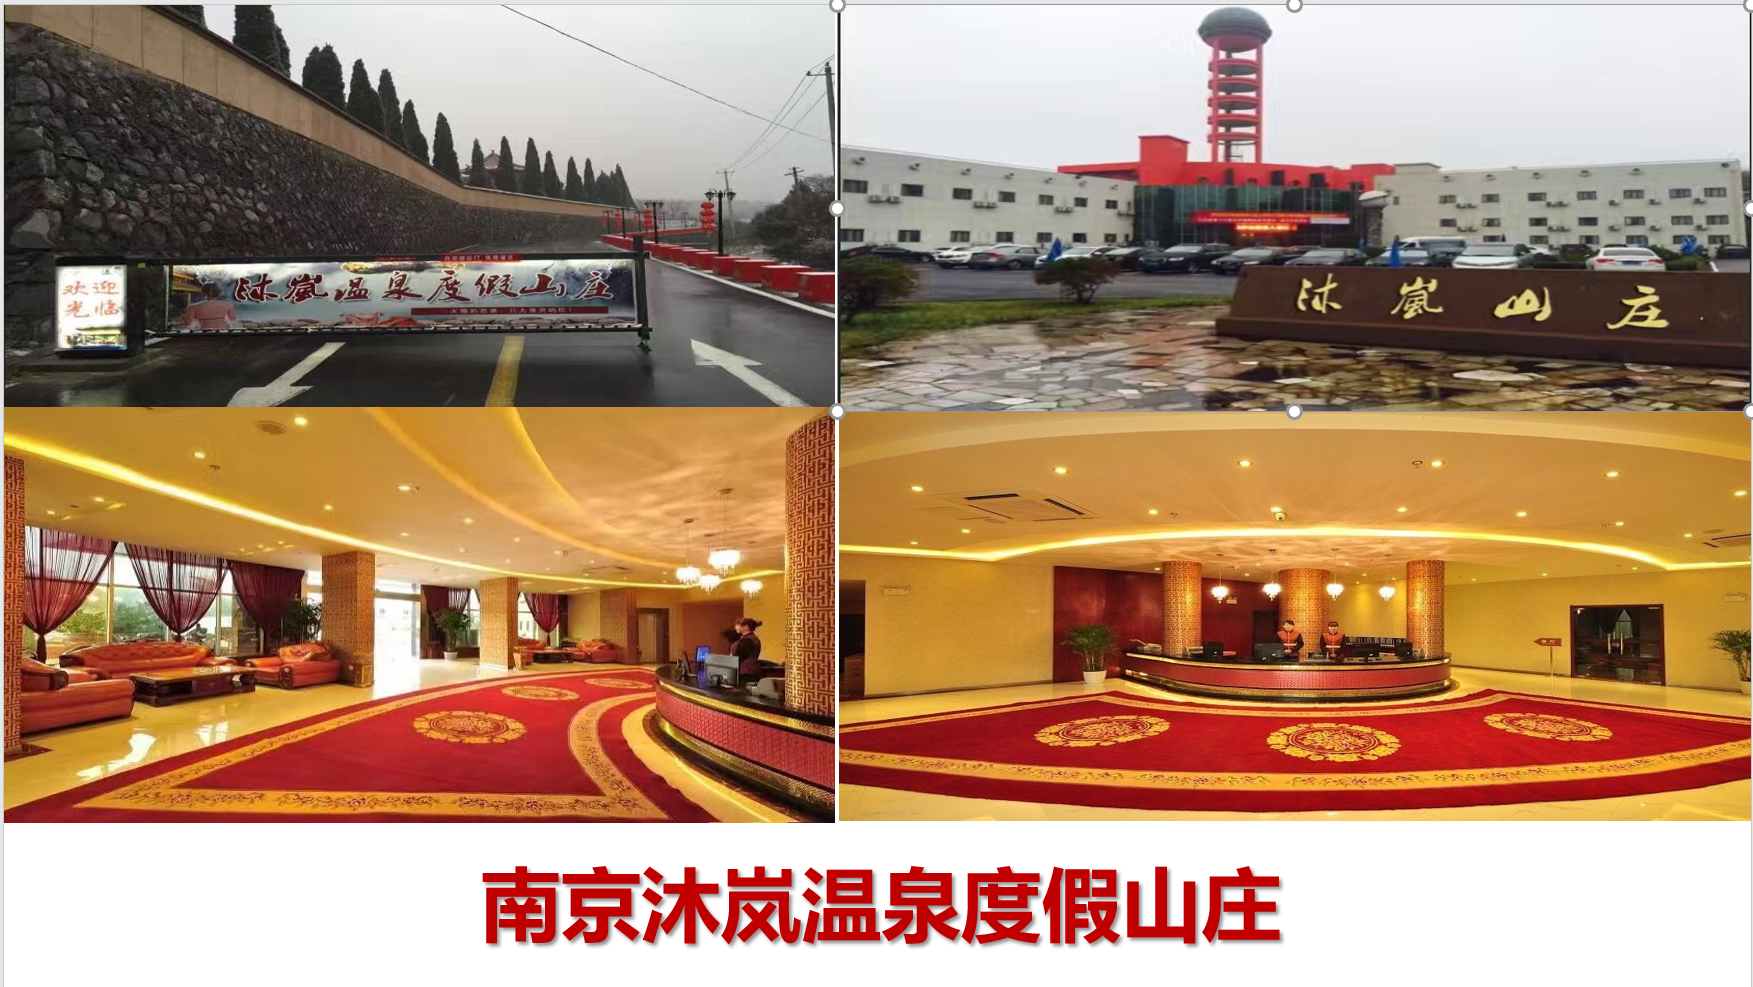 南京沐岚温泉度假山庄拓展基地